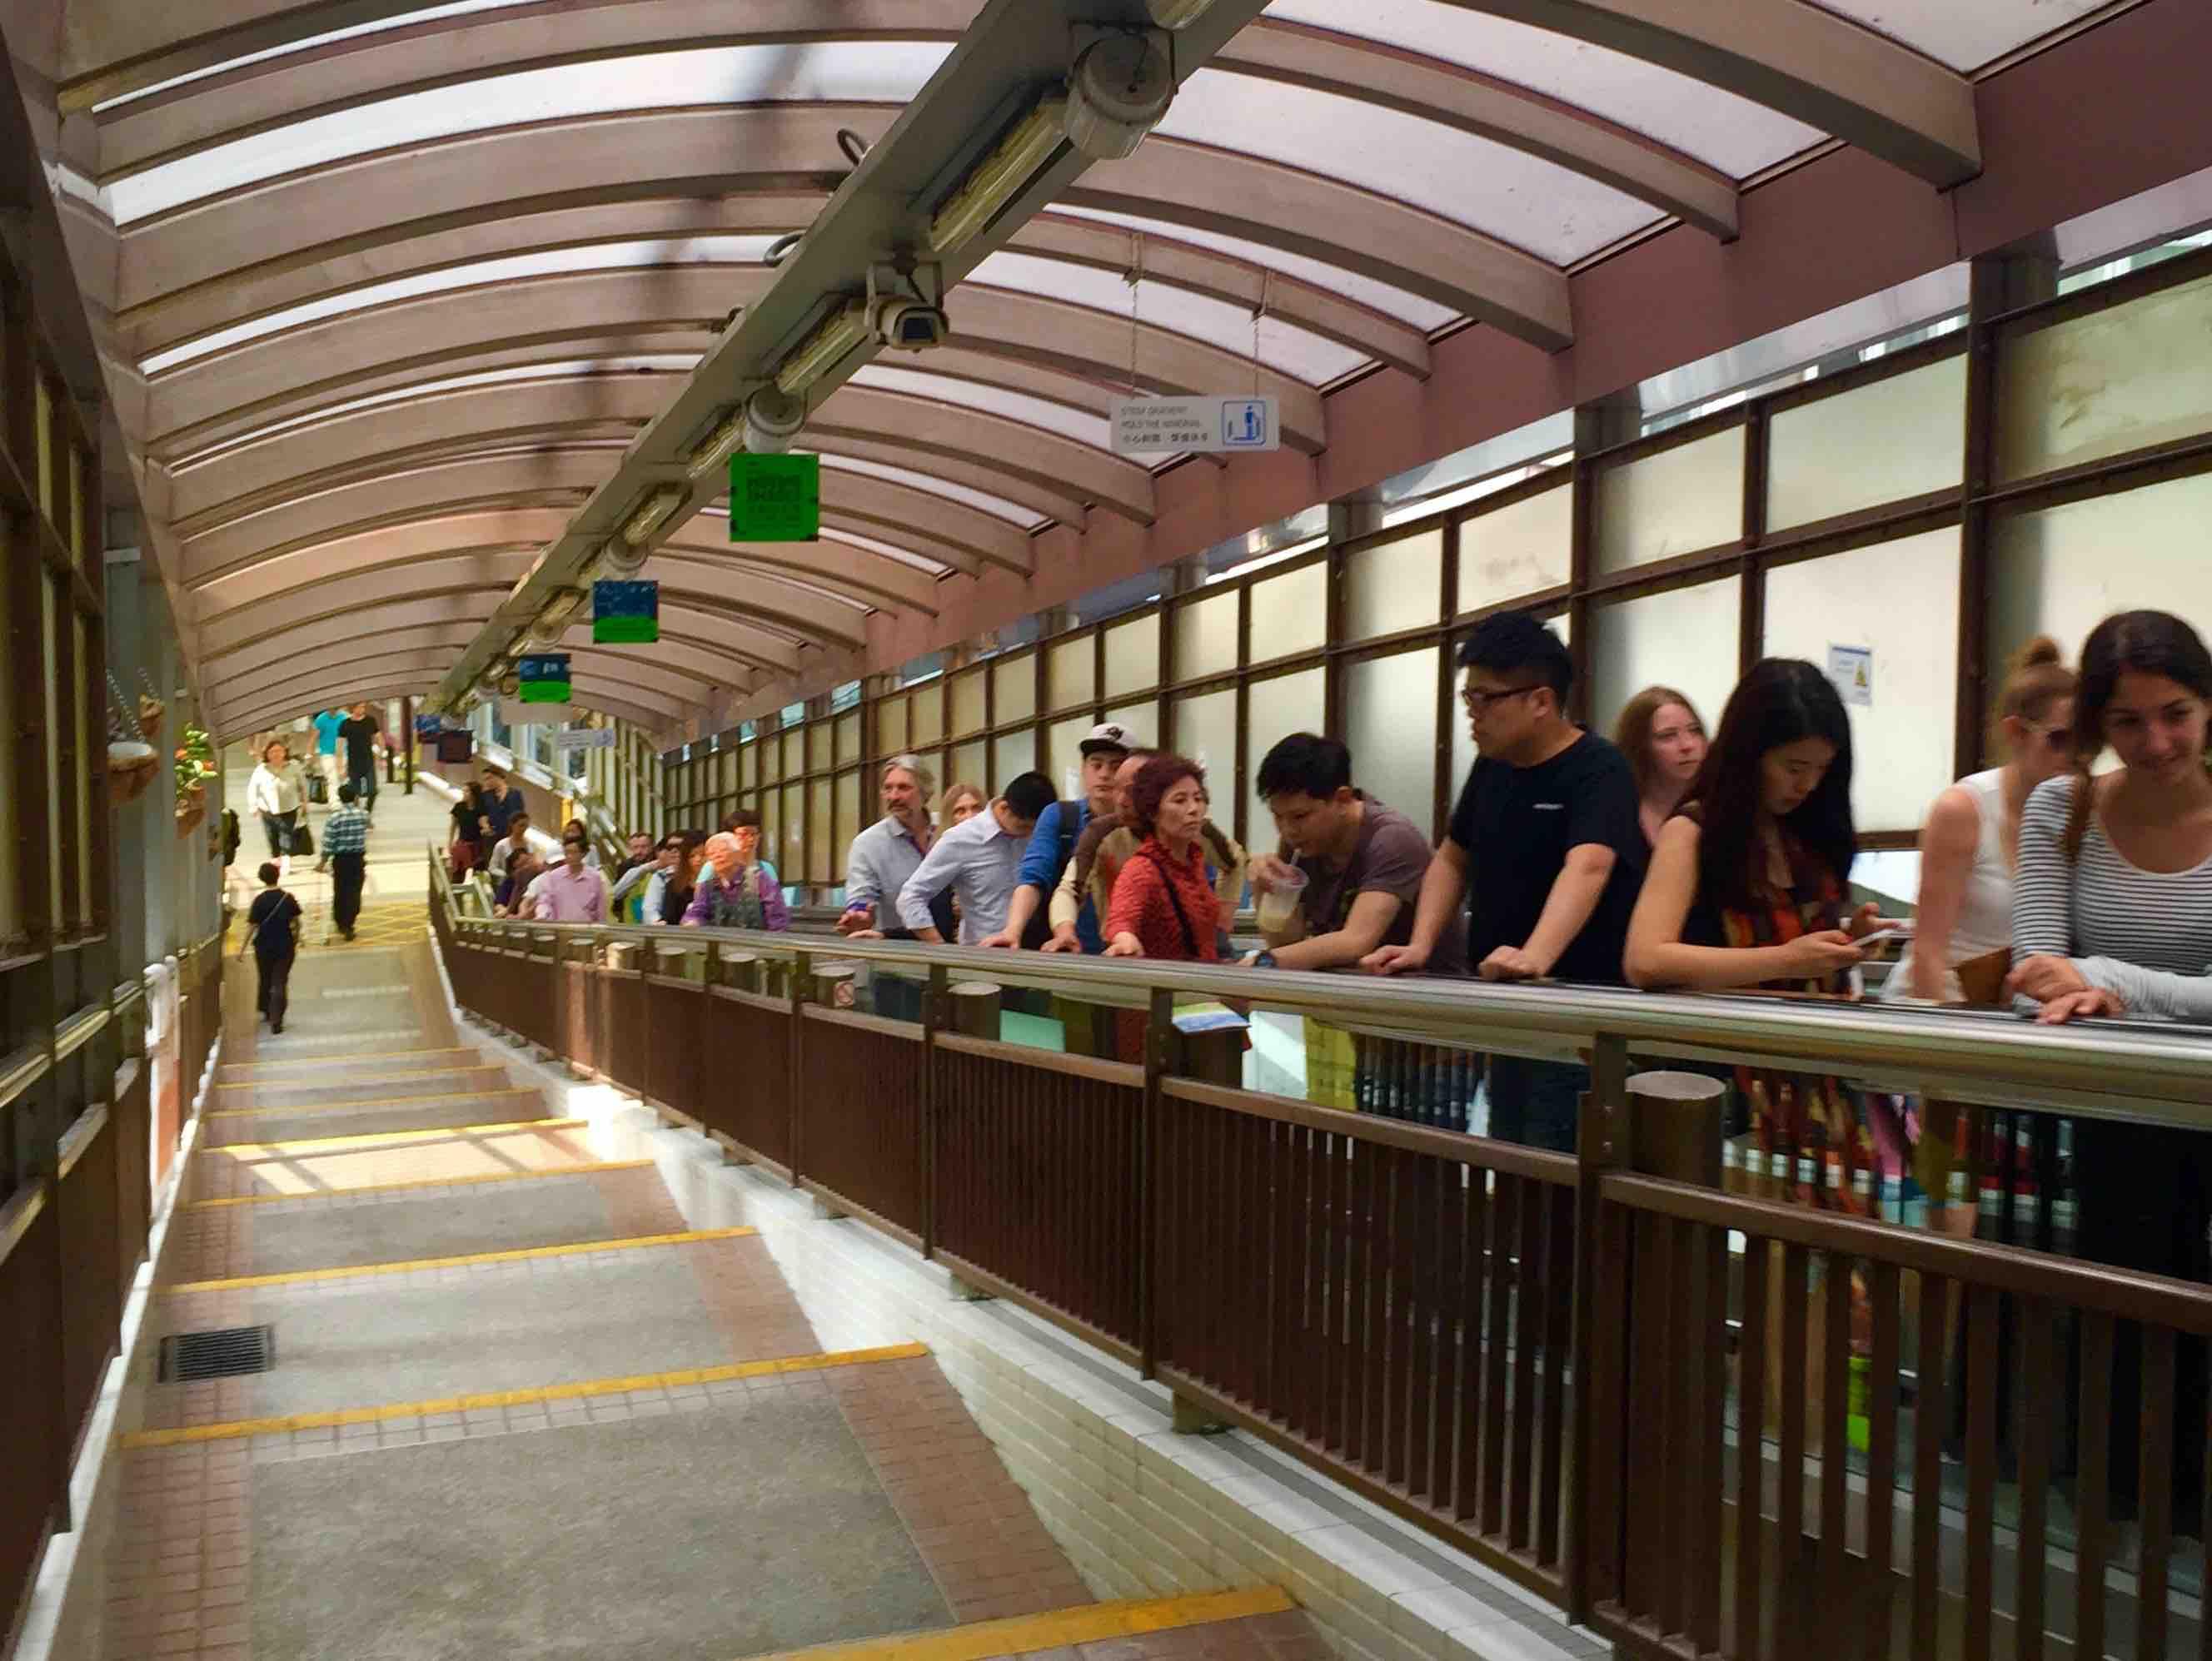 Soho escalator brings F&B customers to restaurants & bars to Soho Central